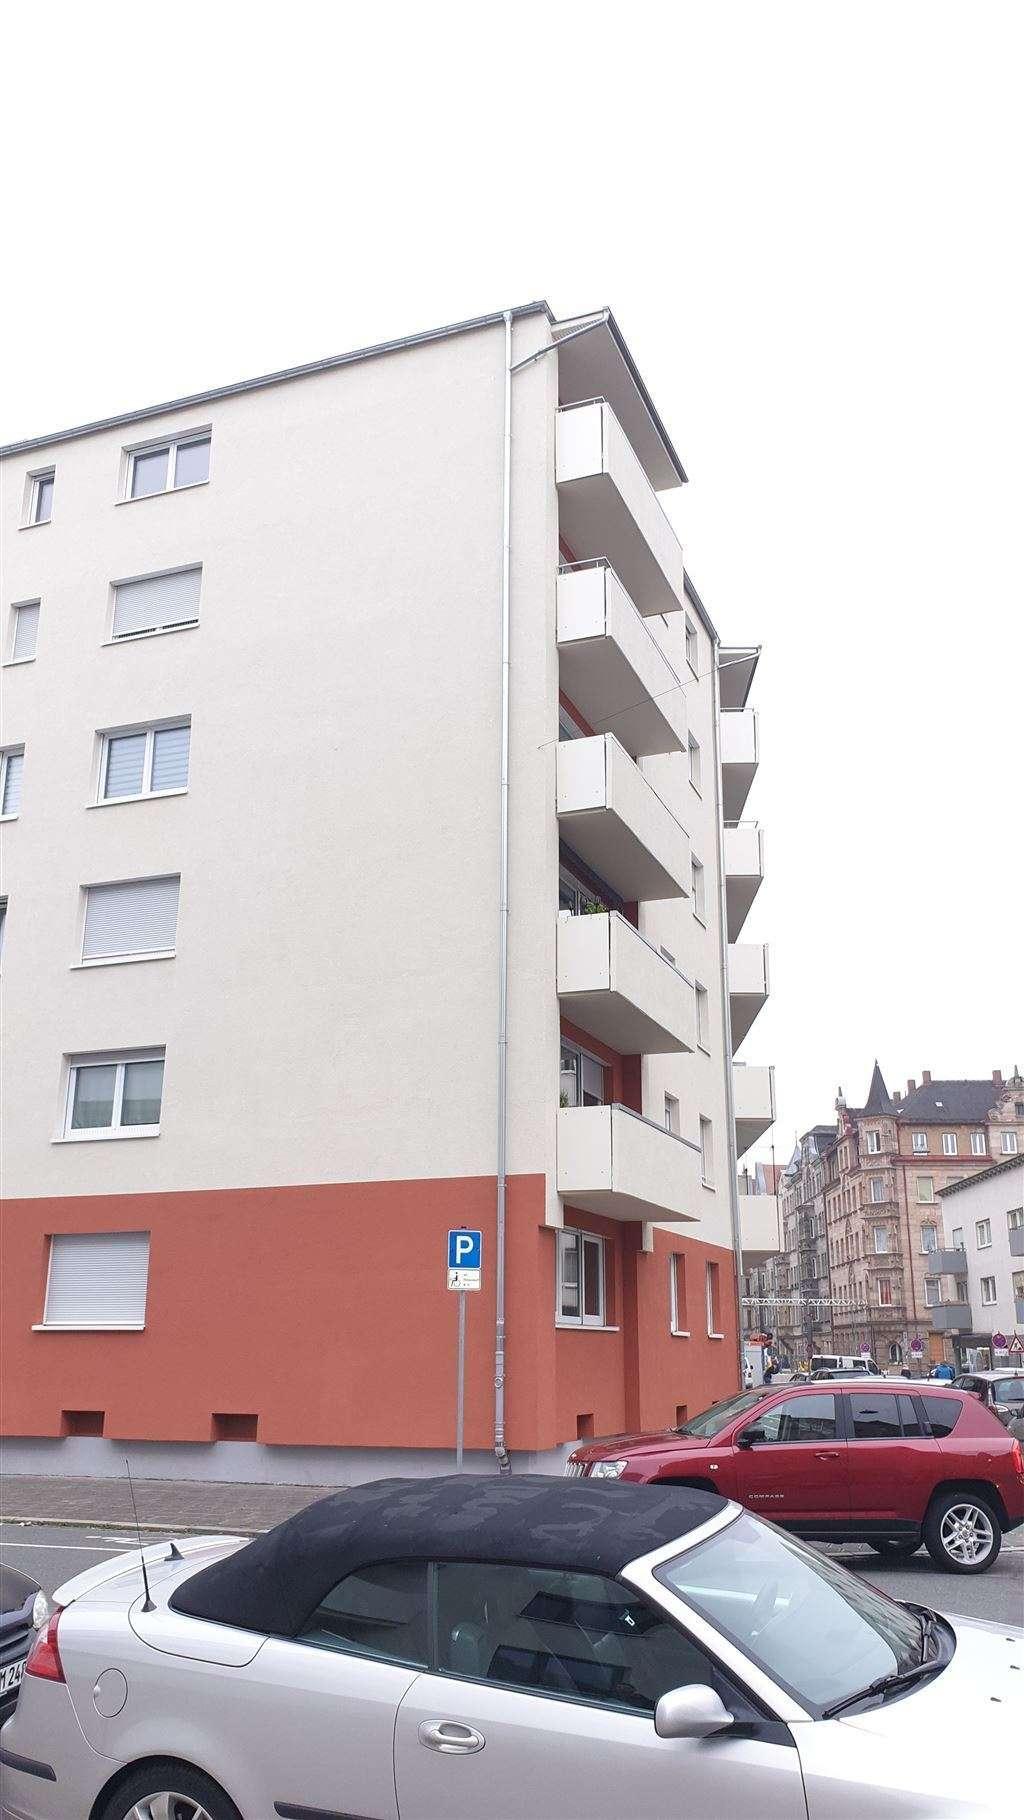 Fürth! Neuwertige & großzügige 2-Zimmer-Wohnung mit Balkon! in Südstadt (Fürth)